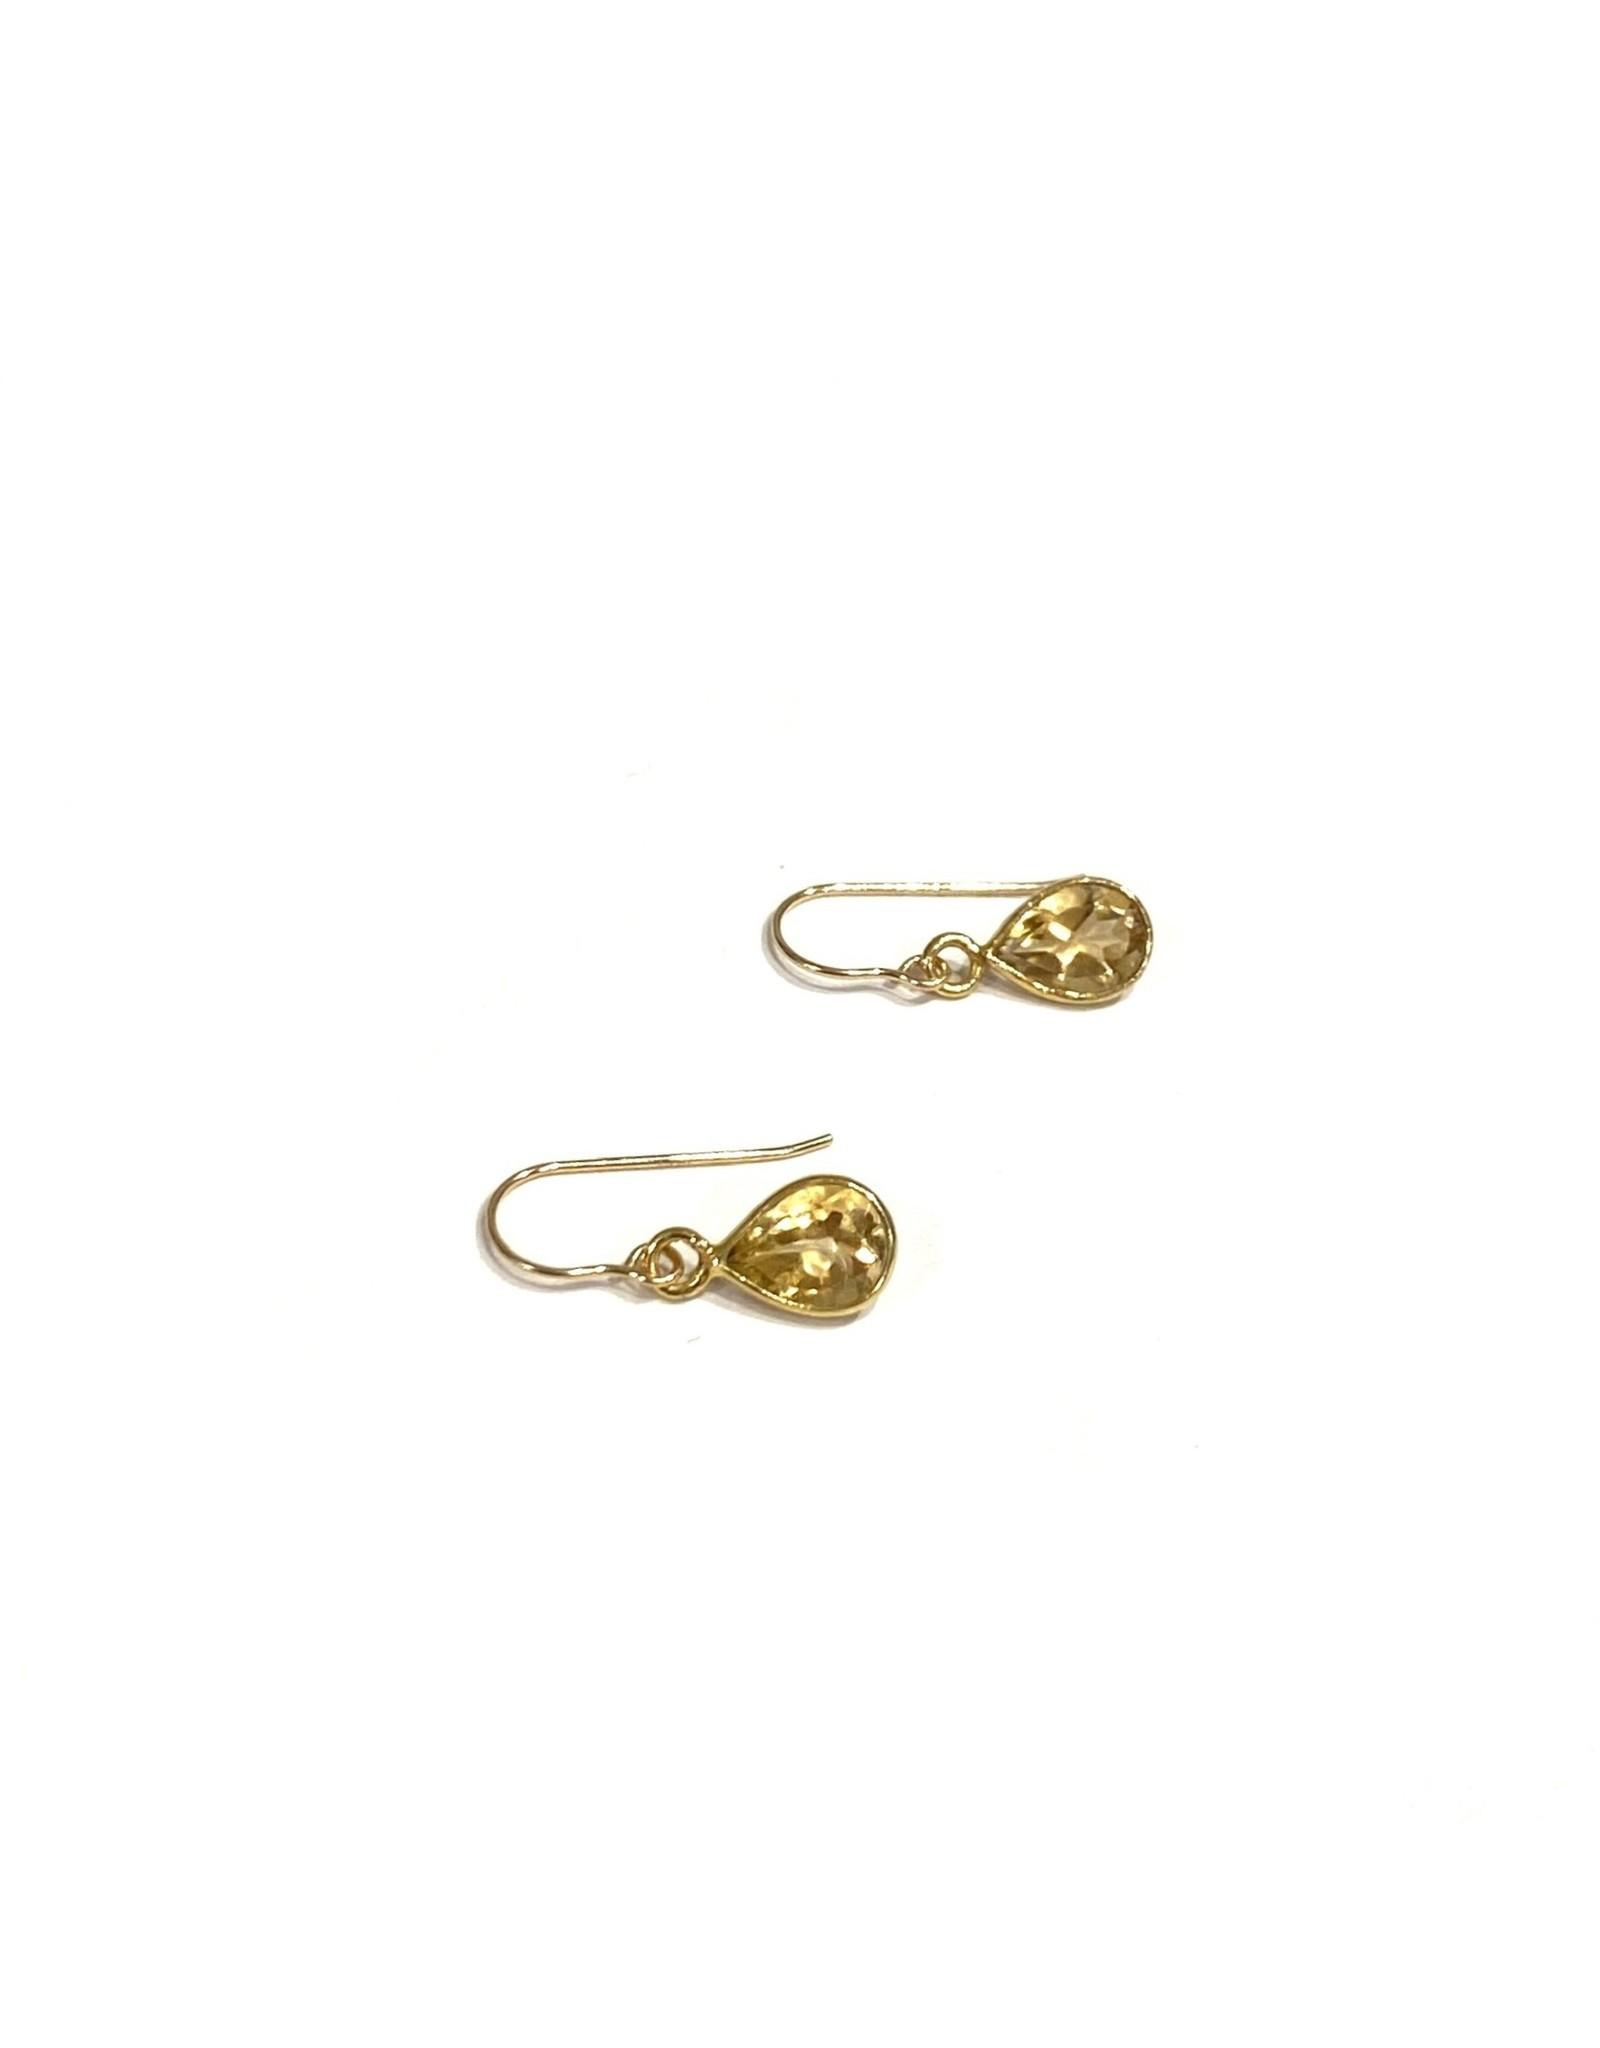 Bo Gold Oorbellen - Goud - Edelstenen